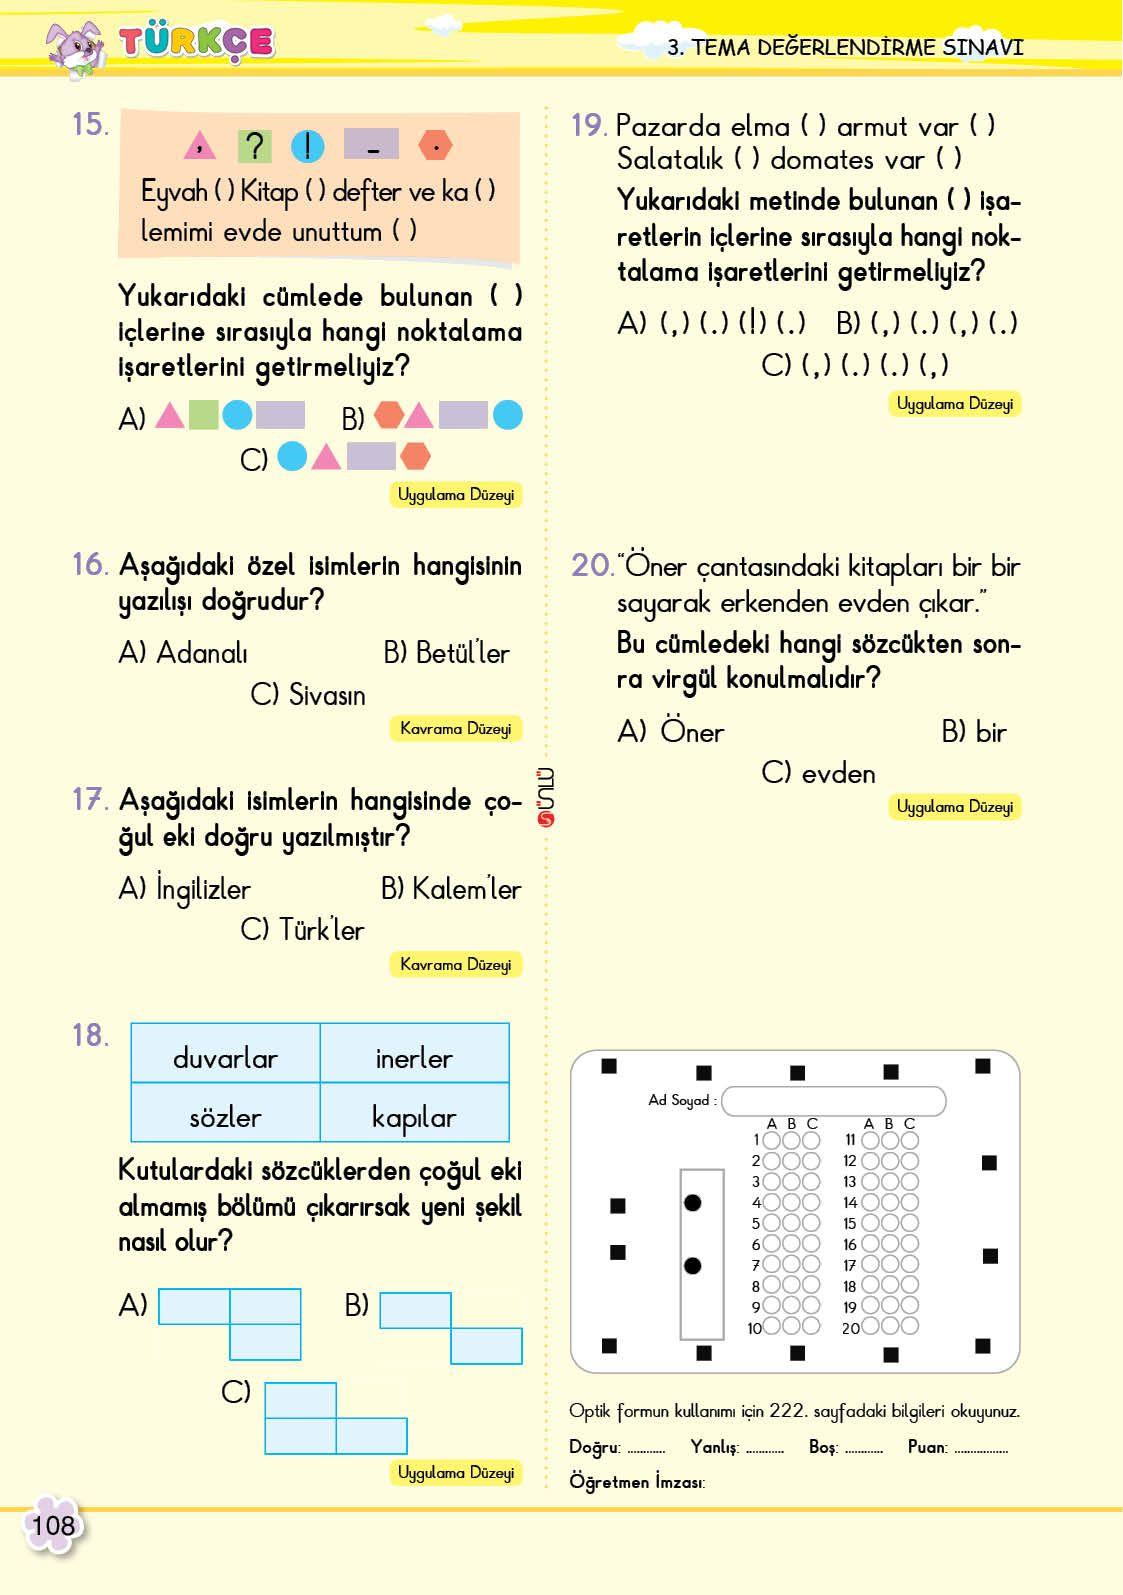 98 En Iyi Turkce Kitabi Goruntusu Kitap Okuma Calismasi Ve 2